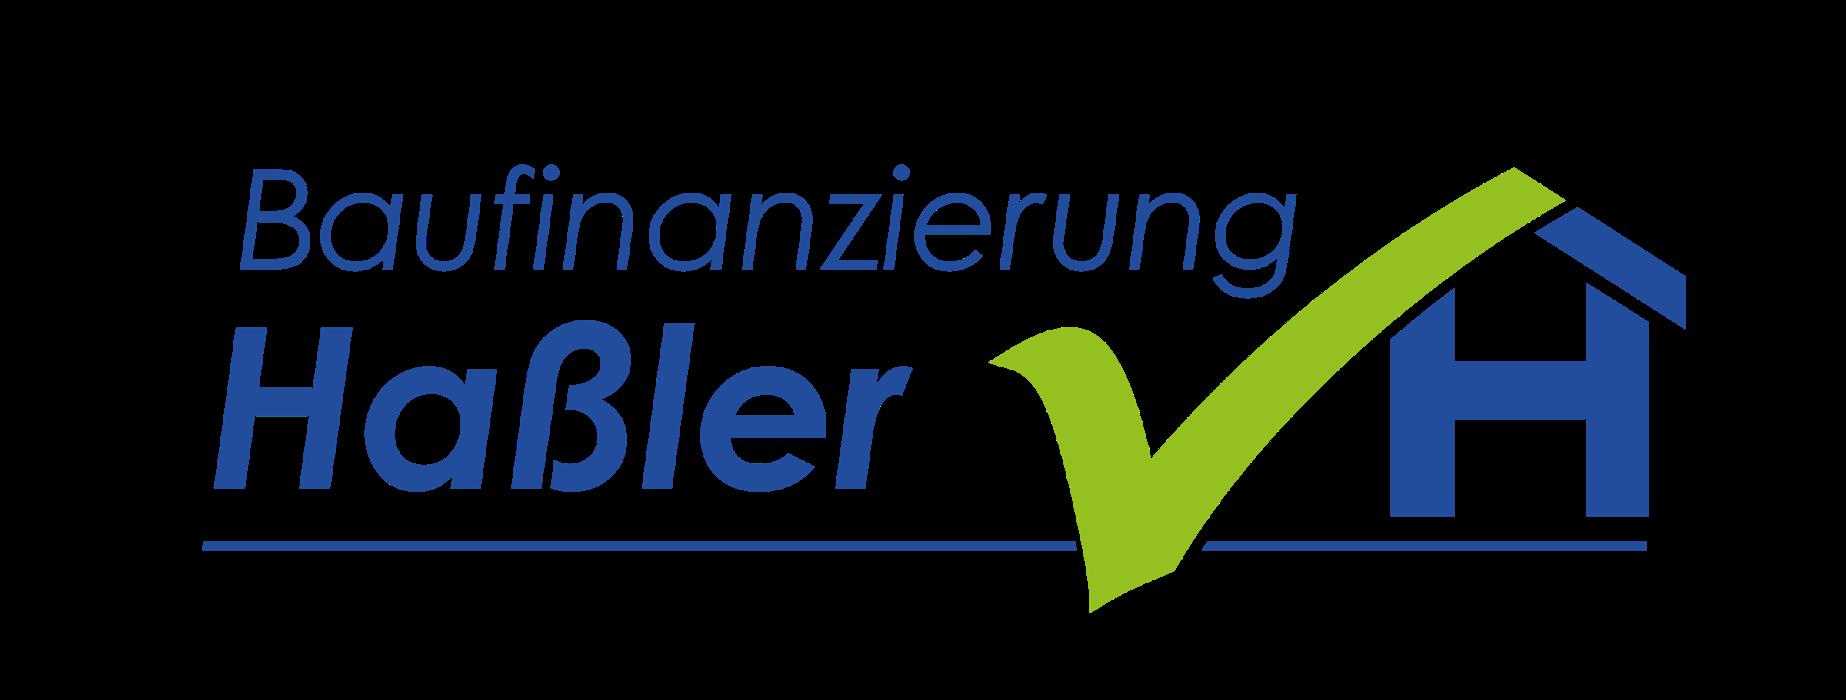 Logo von Baufinanzierung Haßler